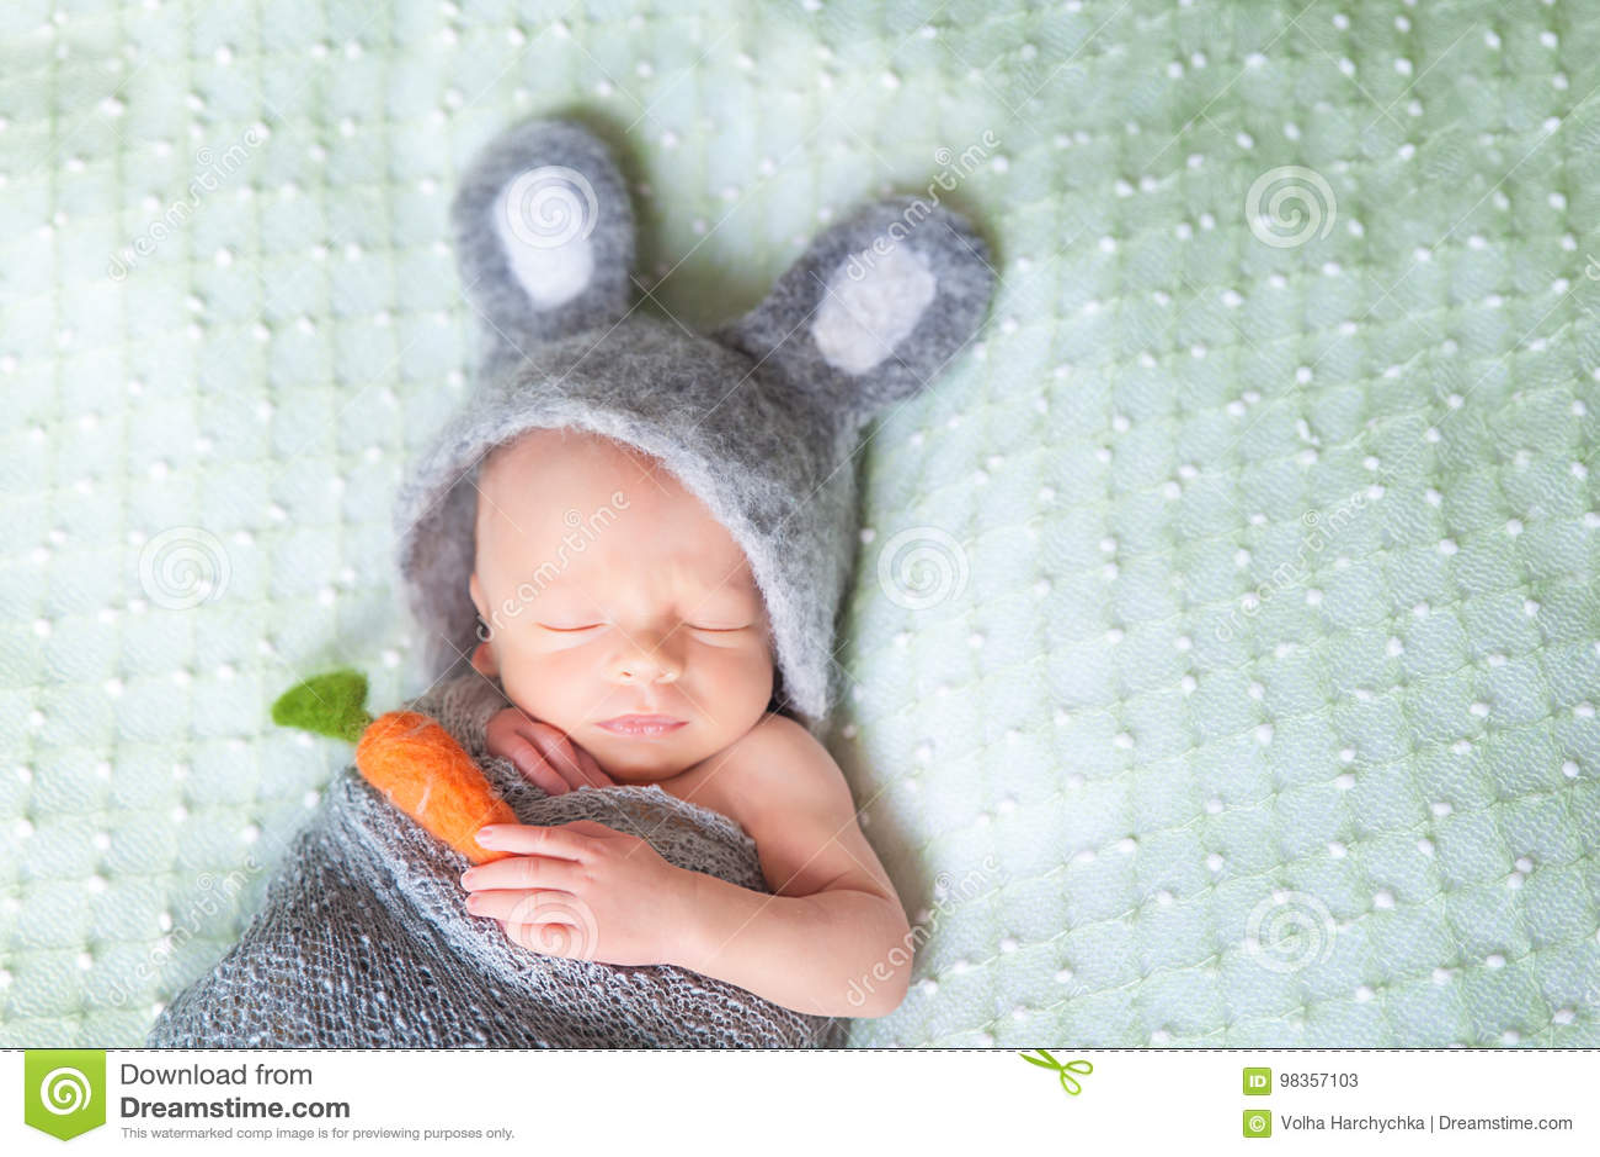 El bebé recién nacido durmiente lindo se vistió como el conejito de pascua